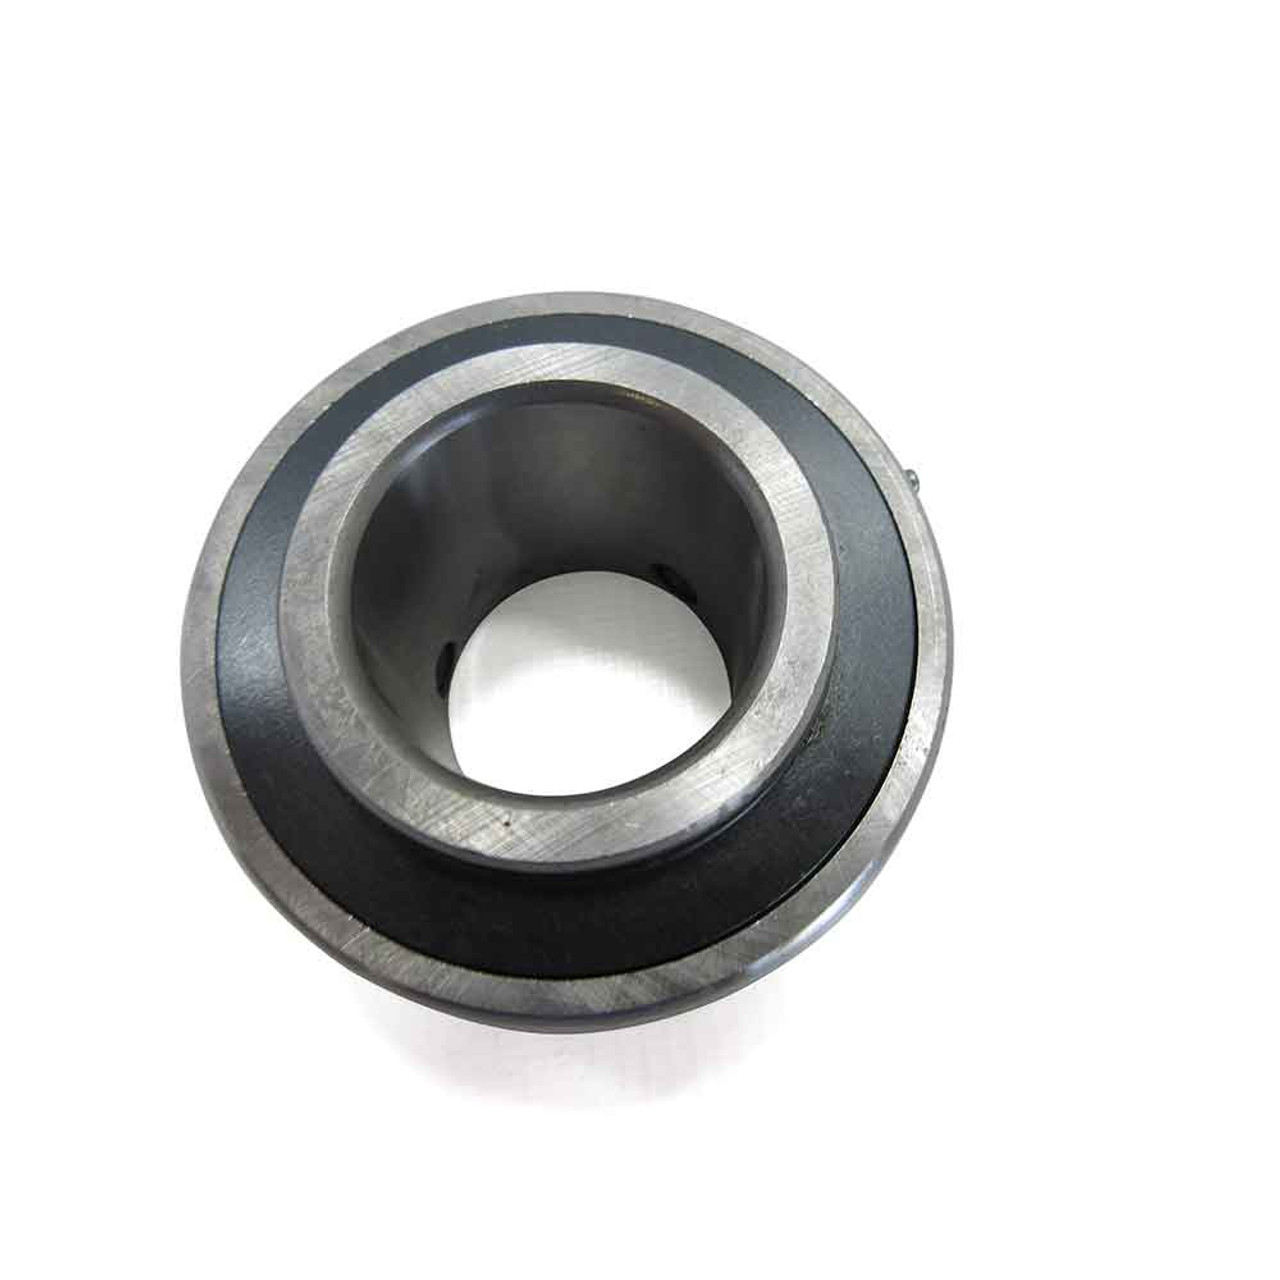 """1-3/8"""" Free Spinning Axle Bearing, Integral Locking Collar"""